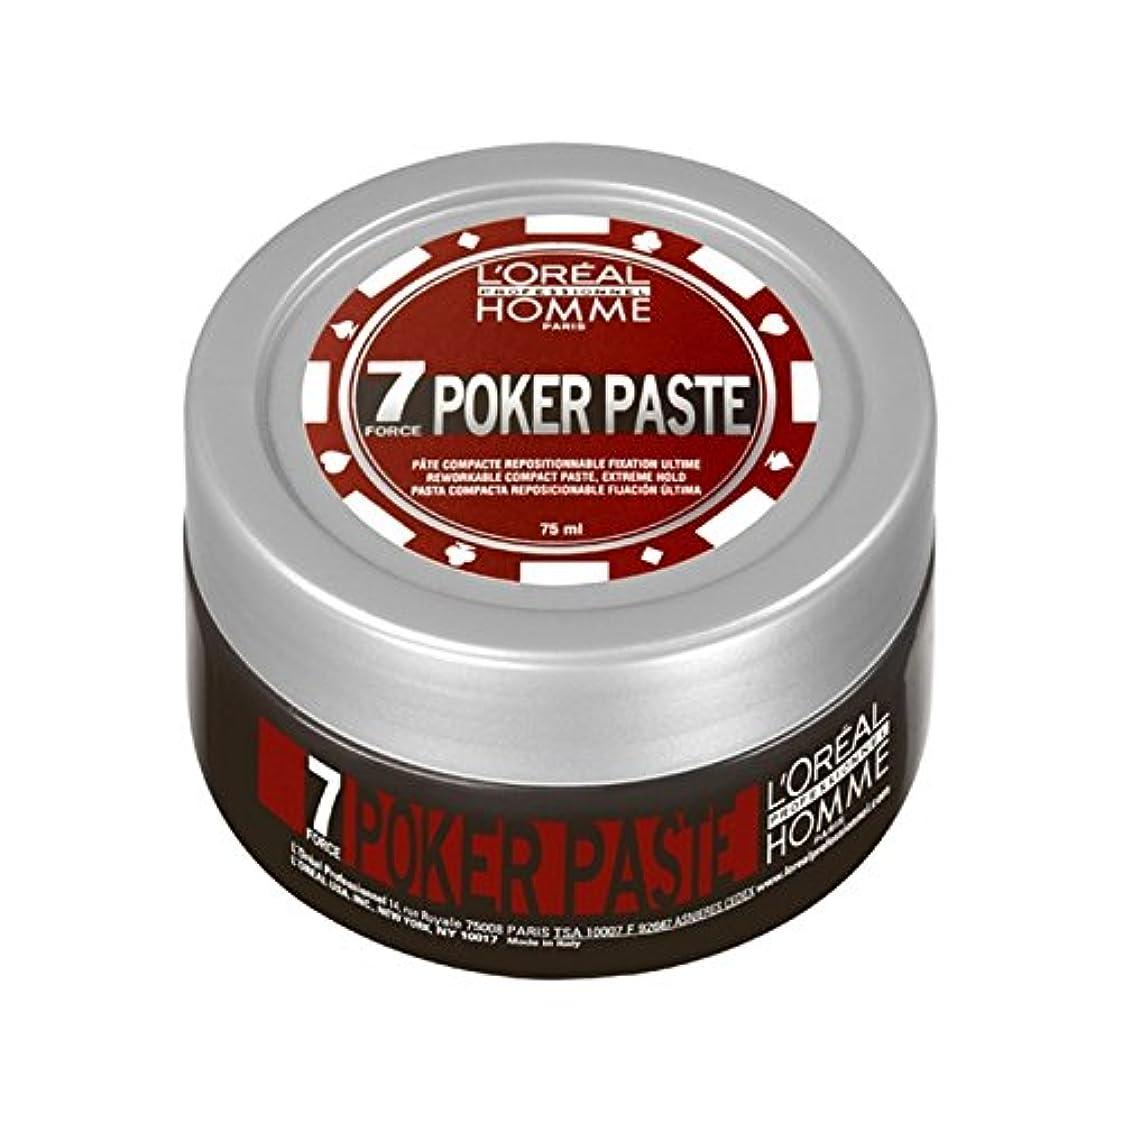 抑止するクラスドラッグL'Oreal Professional Homme Poker Paste (75ml) - ロレアルプロオムポーカーペースト(75ミリリットル) [並行輸入品]